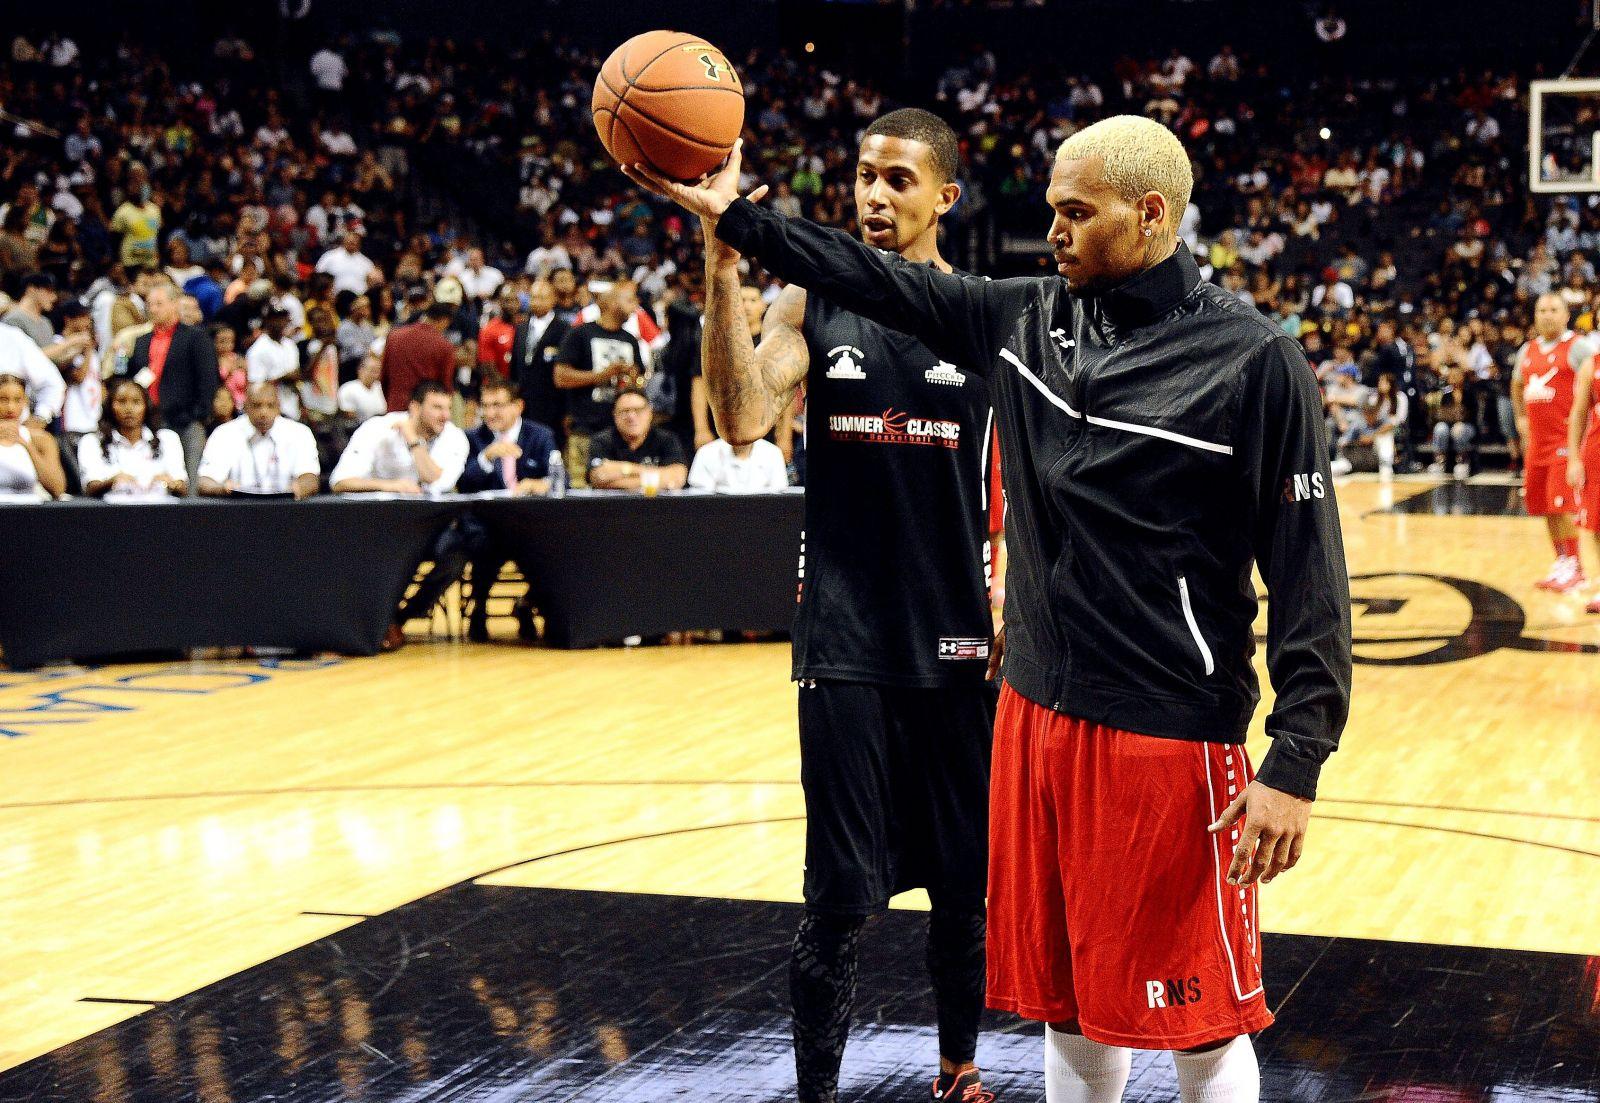 Рианна и Крис Браун встретились на баскетбольной игре